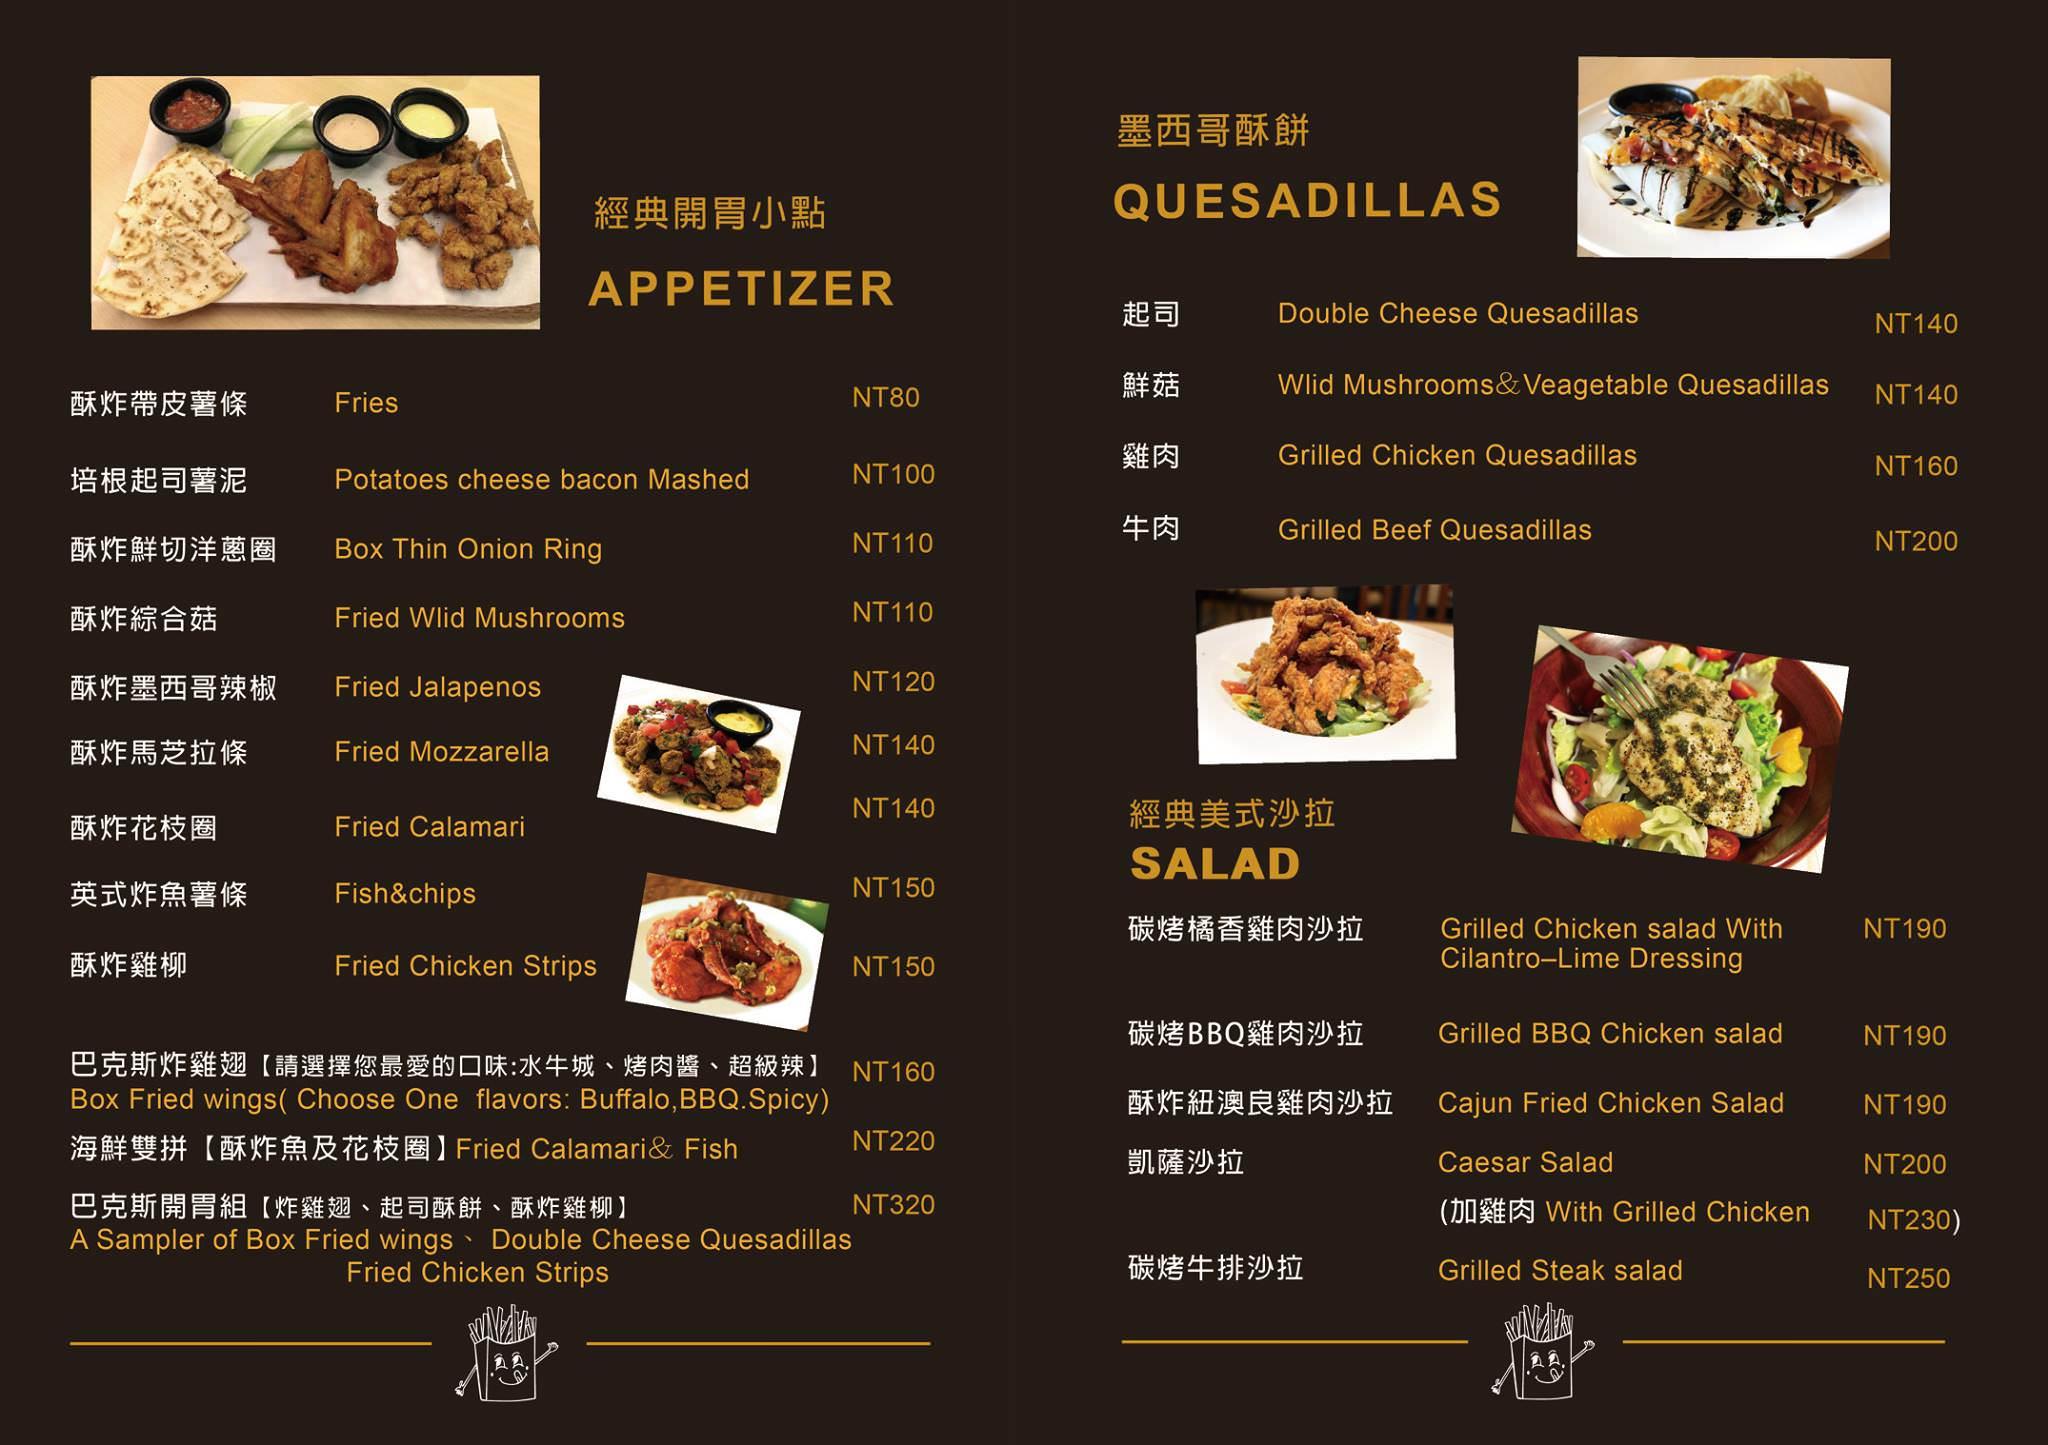 餐廳台北,餐廳推薦,AK12,AK12美式小館,台北捷運,捷運美食,西門美食,西門町 餐廳,美式餐廳,巴克斯,調酒-57